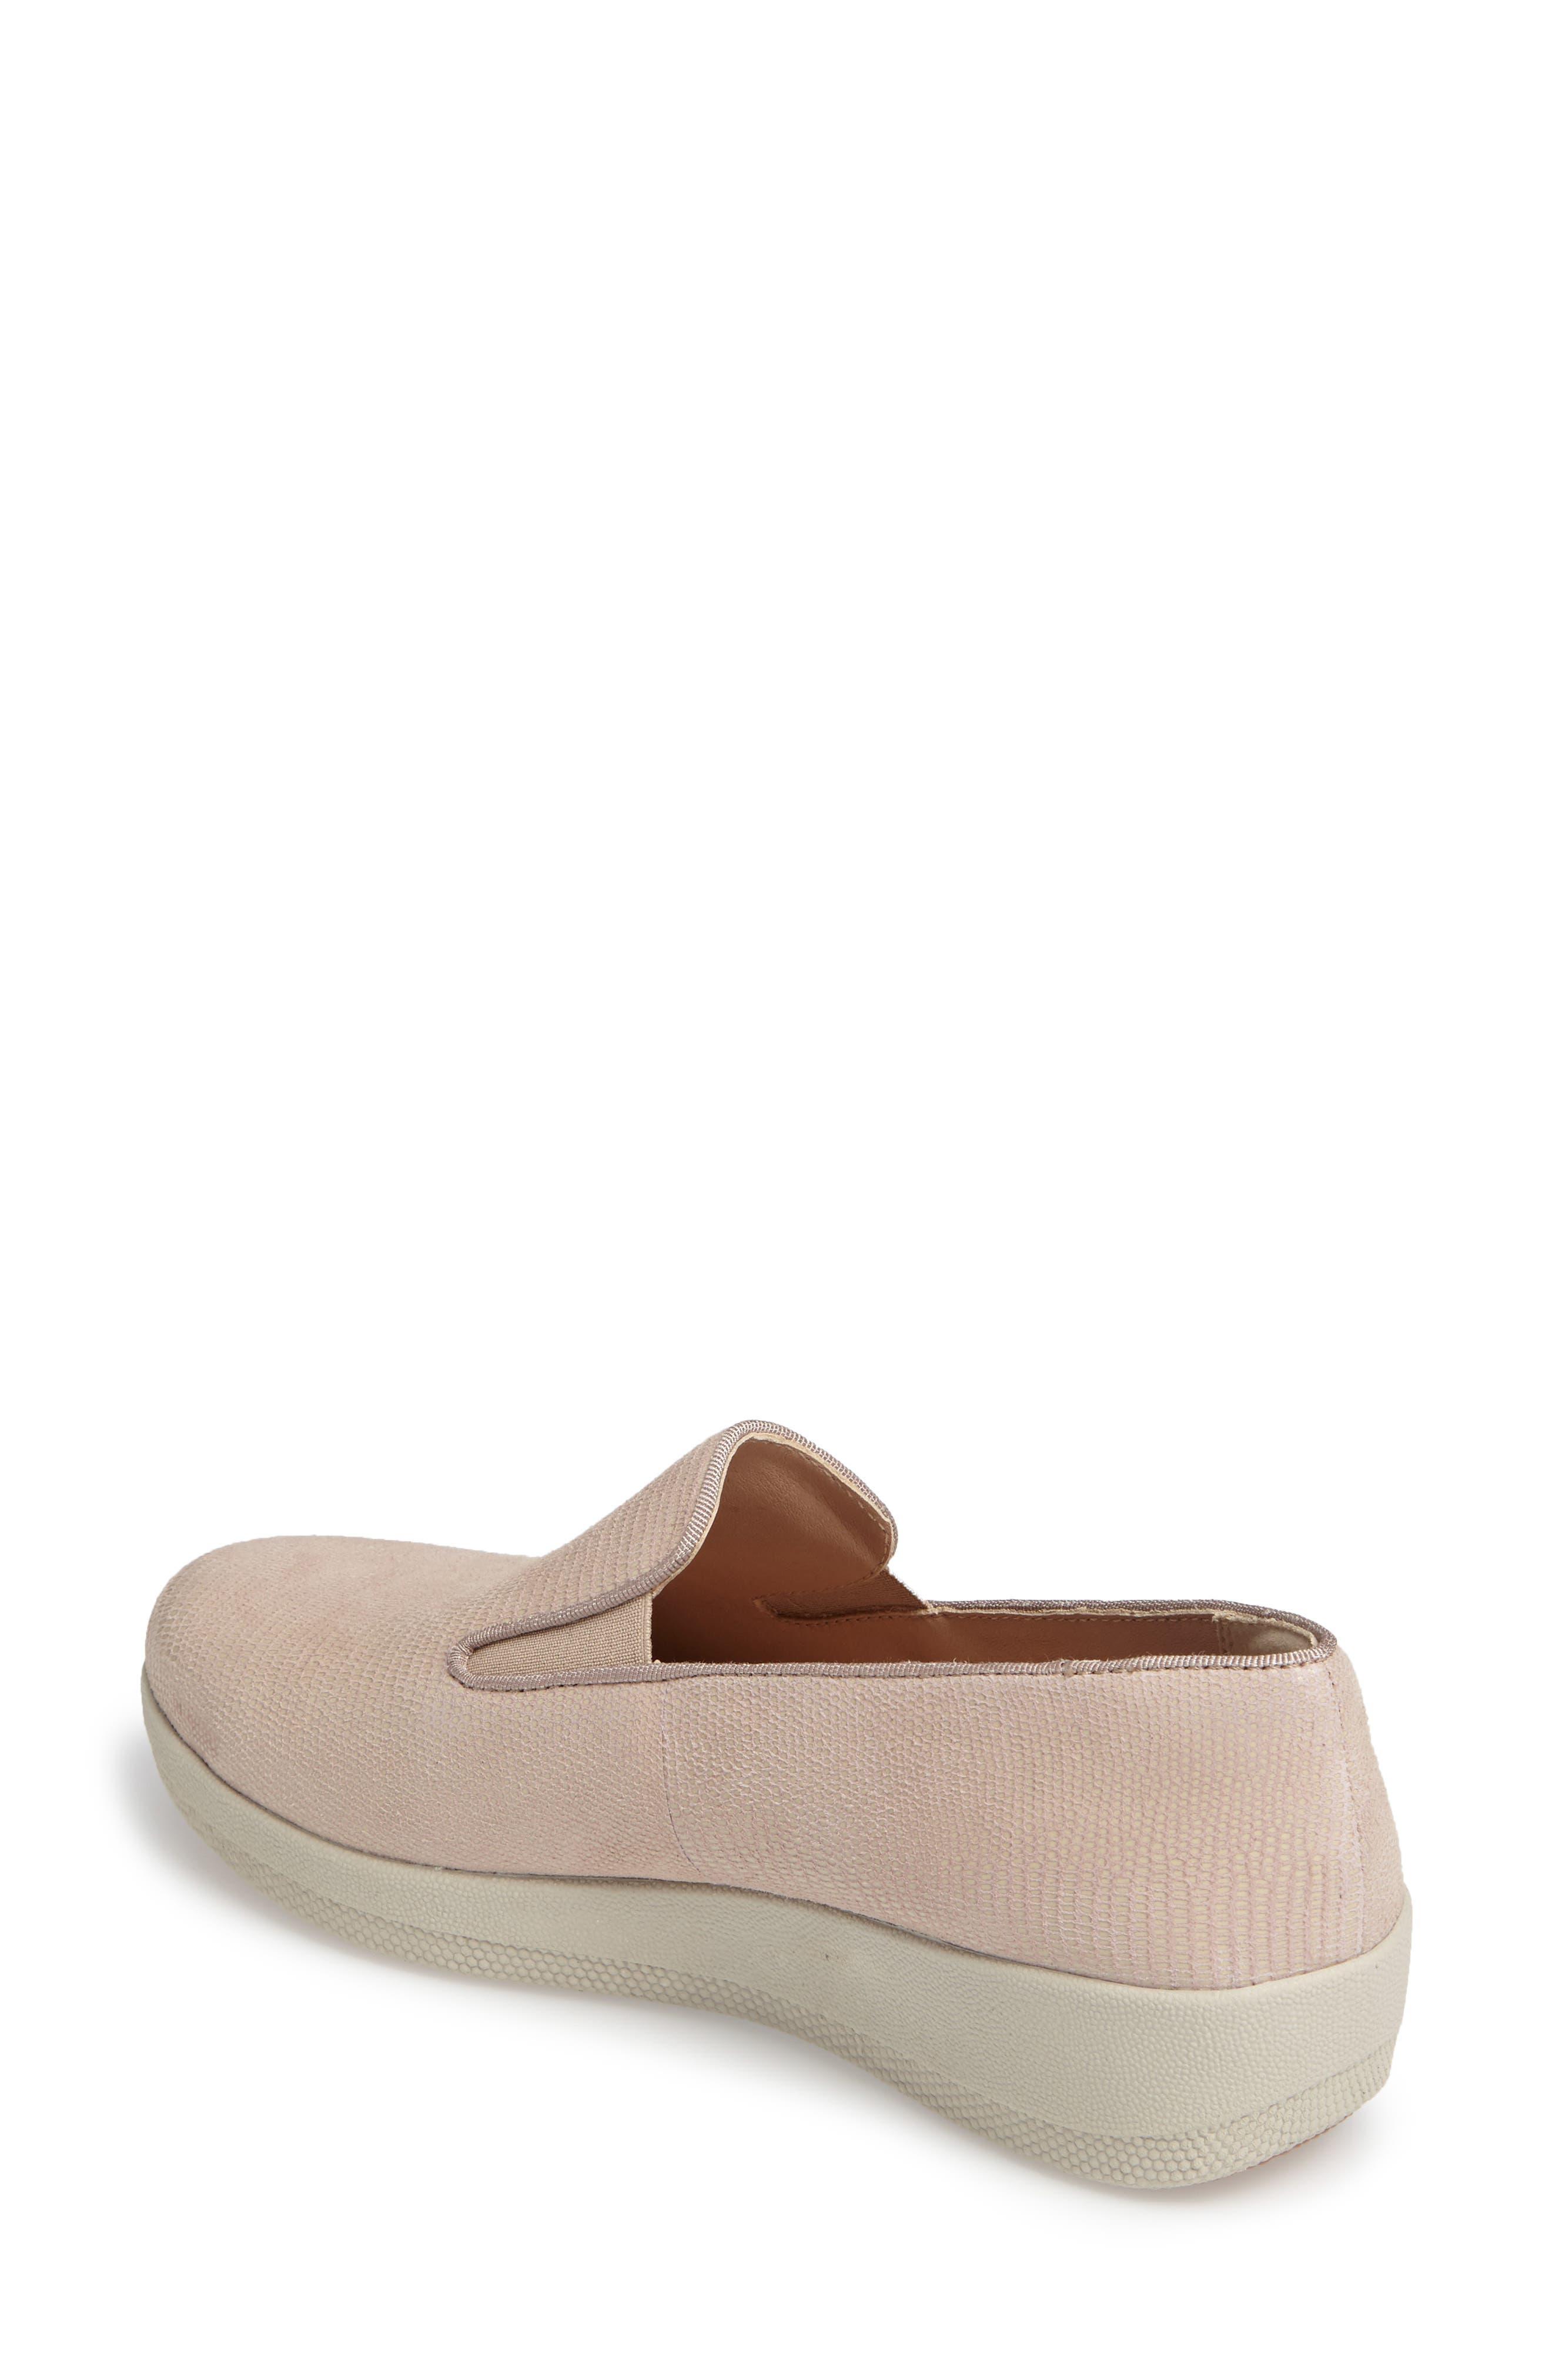 Superskate Slip-On Sneaker,                             Alternate thumbnail 60, color,